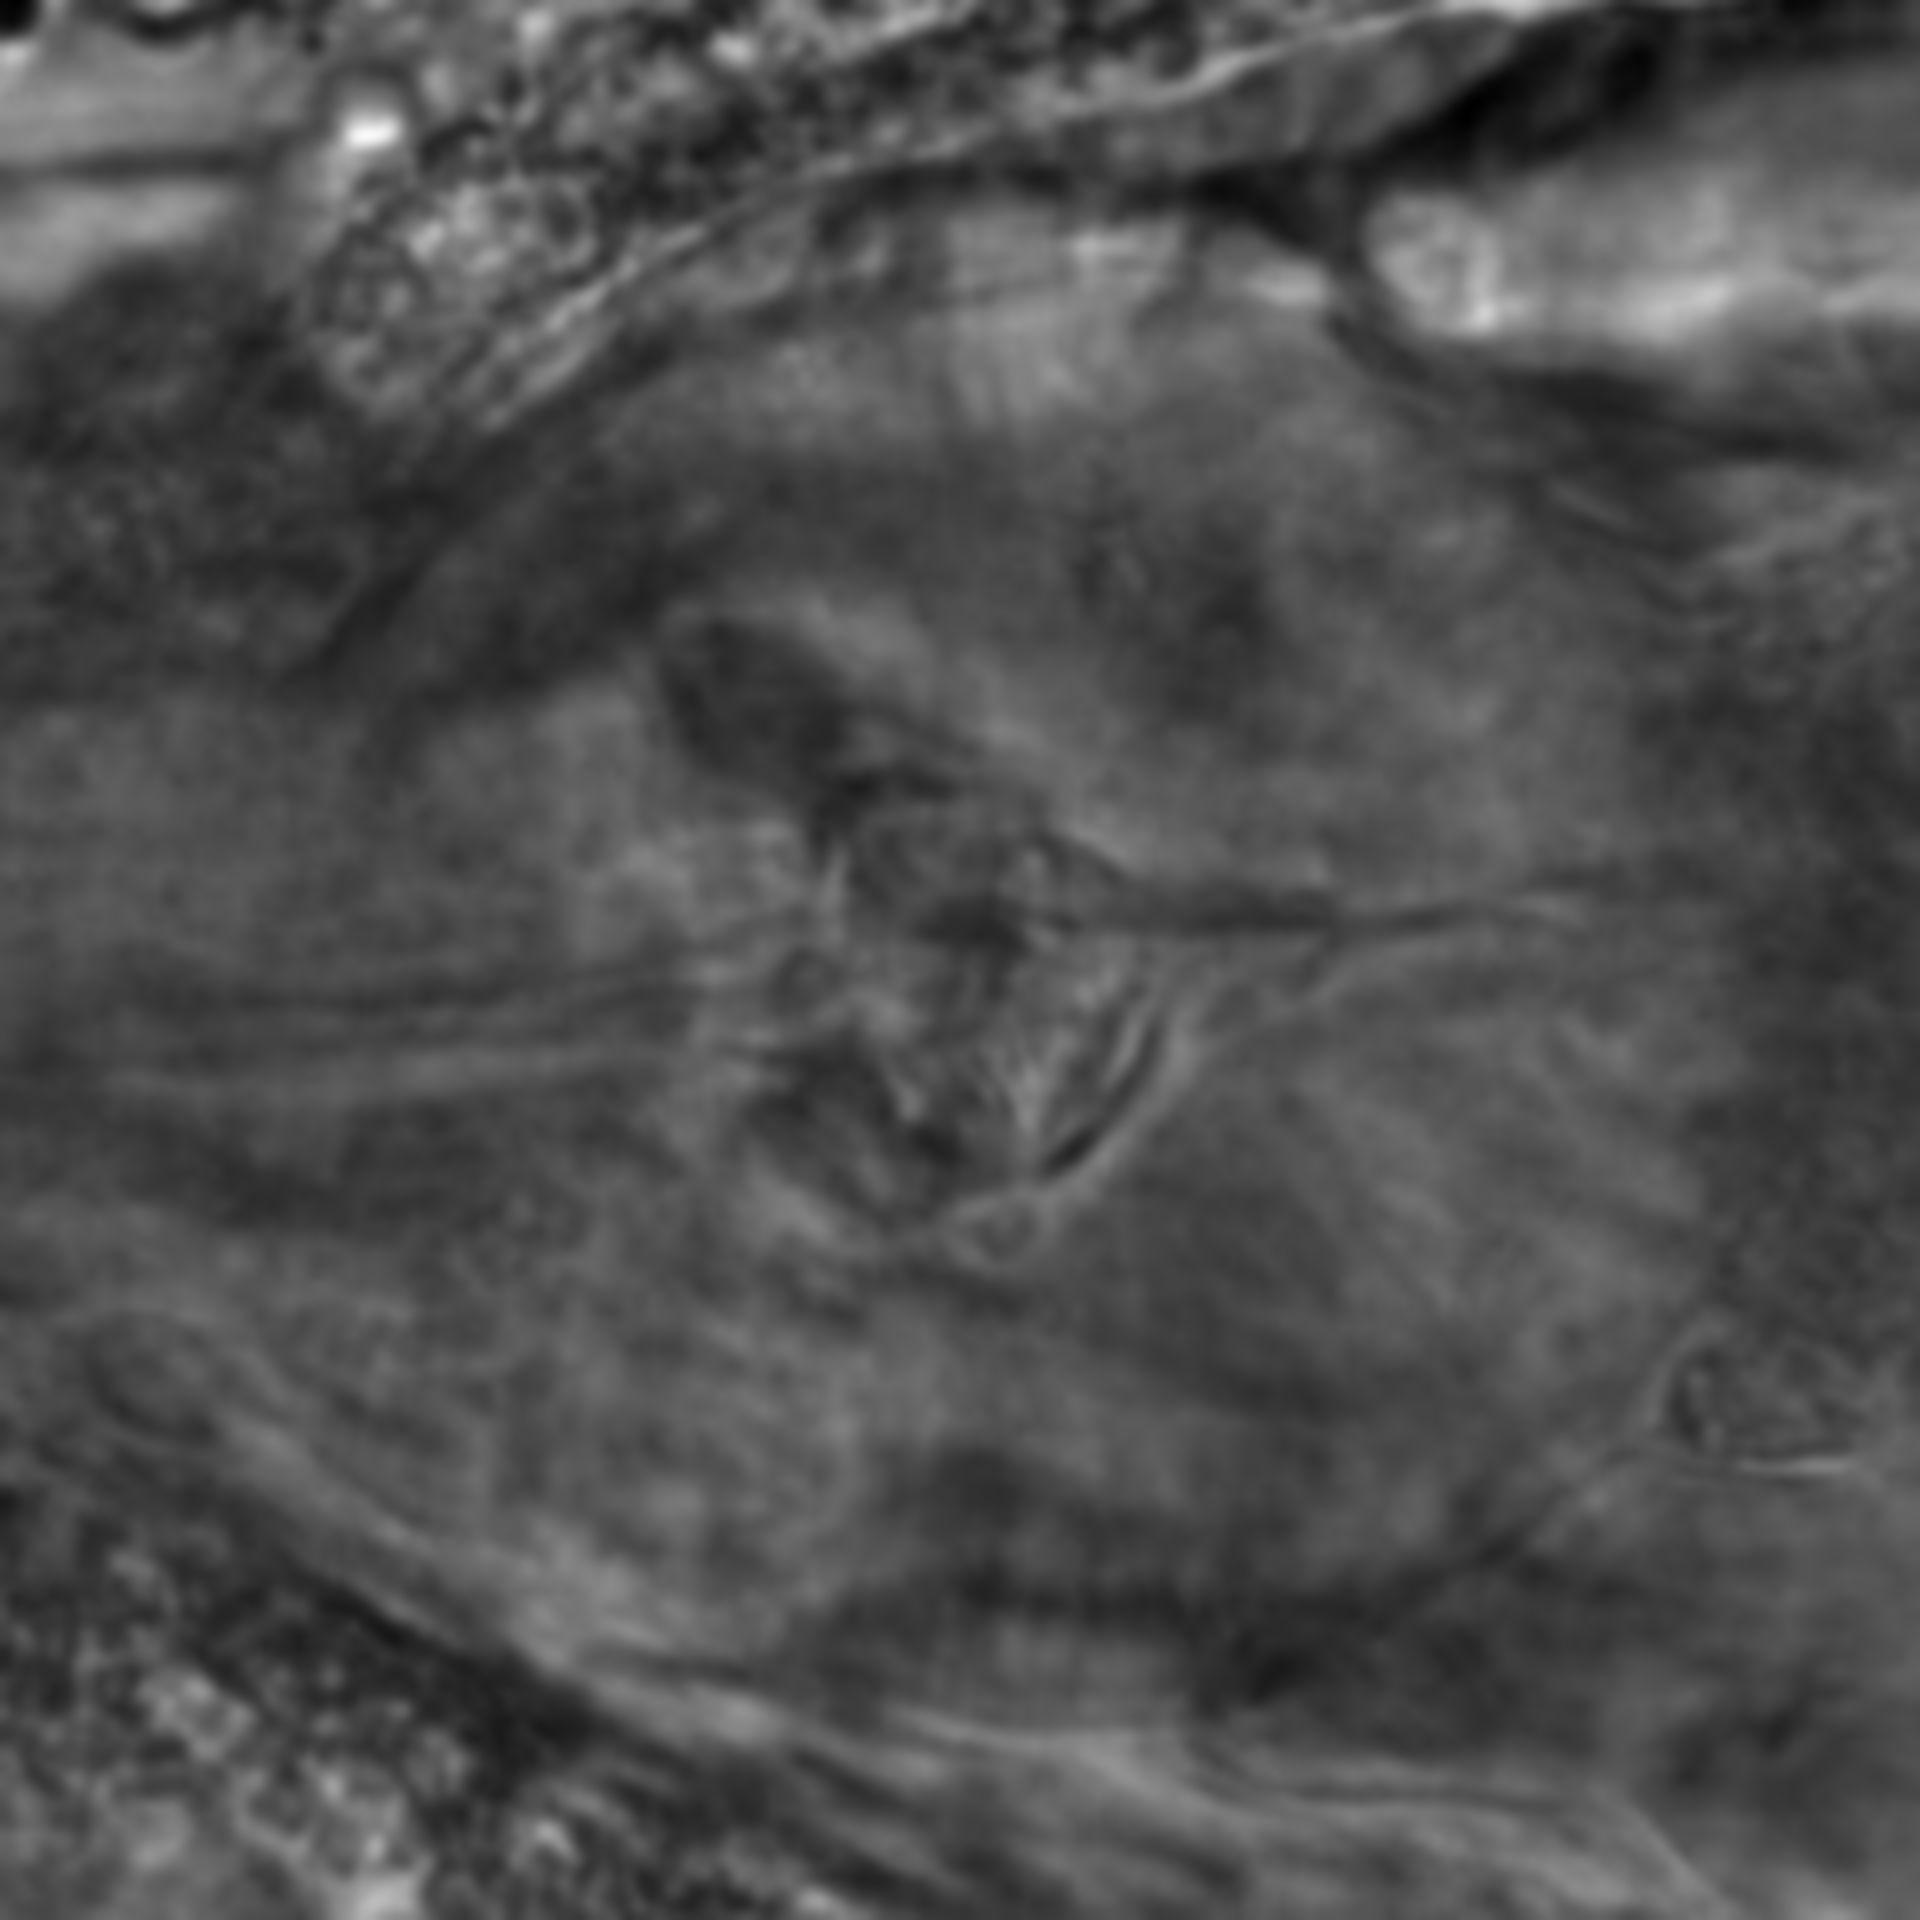 Caenorhabditis elegans - CIL:2255